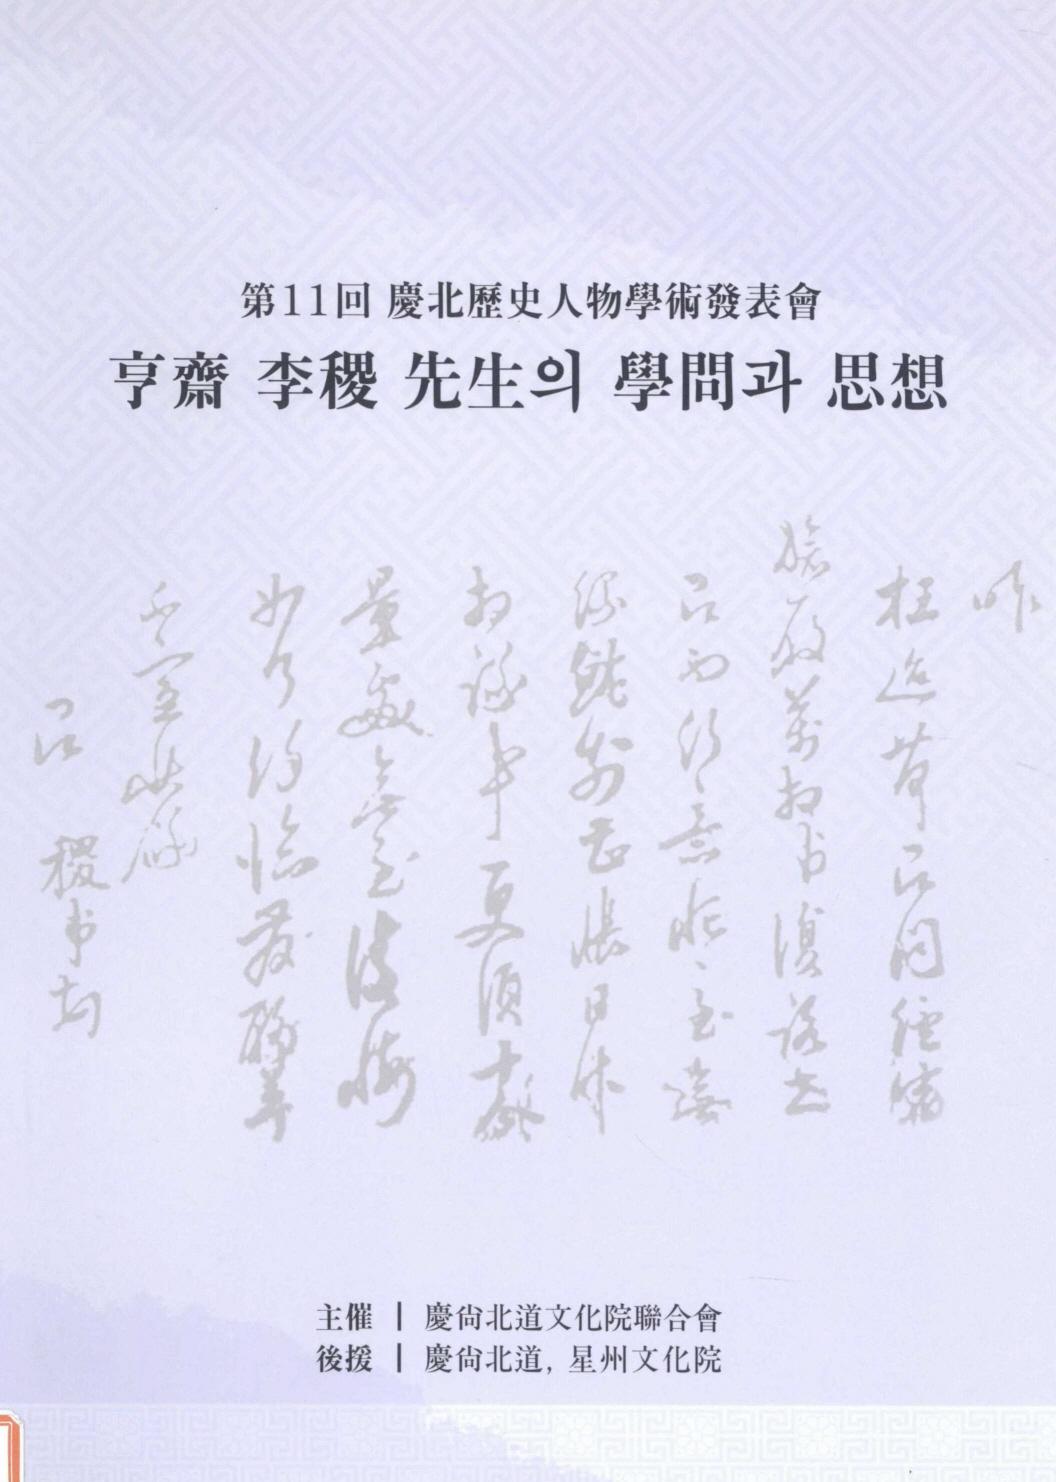 제11회 경북역사인물학술발표회 형재이직선생의학문과사상